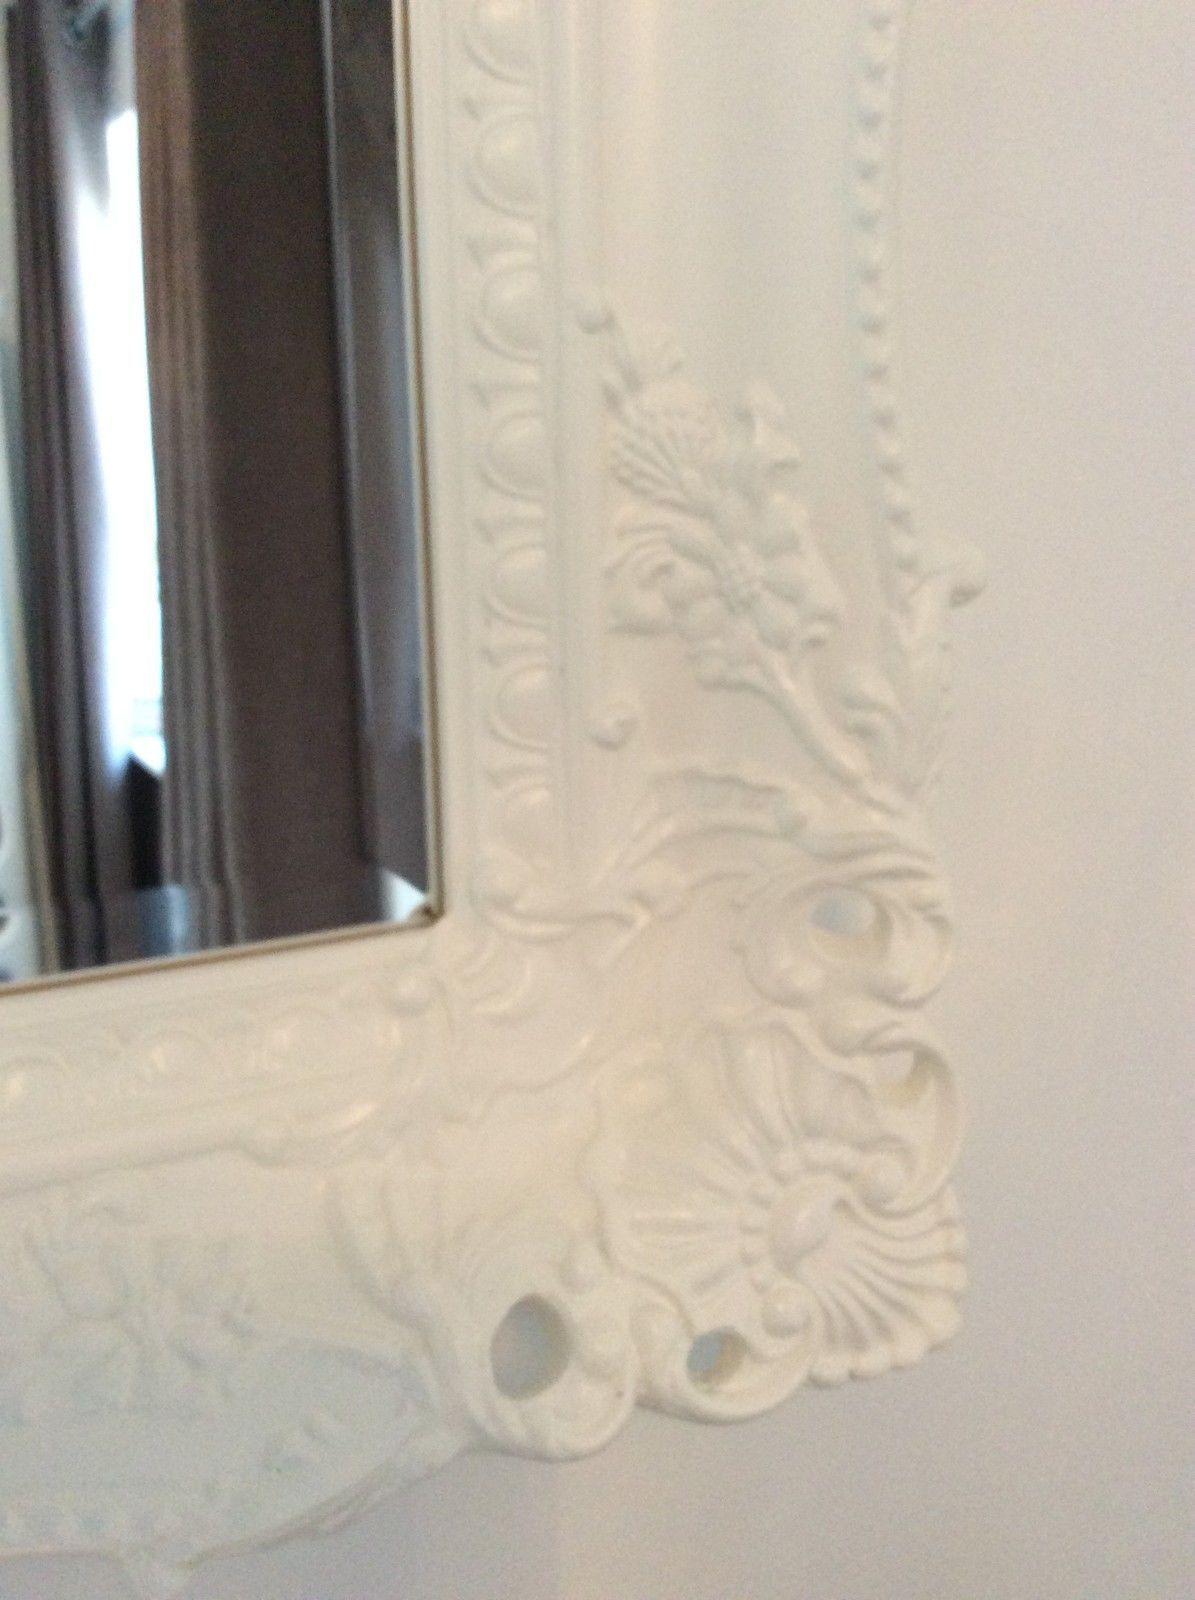 X large white shabby chic ornate decorative wall mirror for Large white decorative mirror